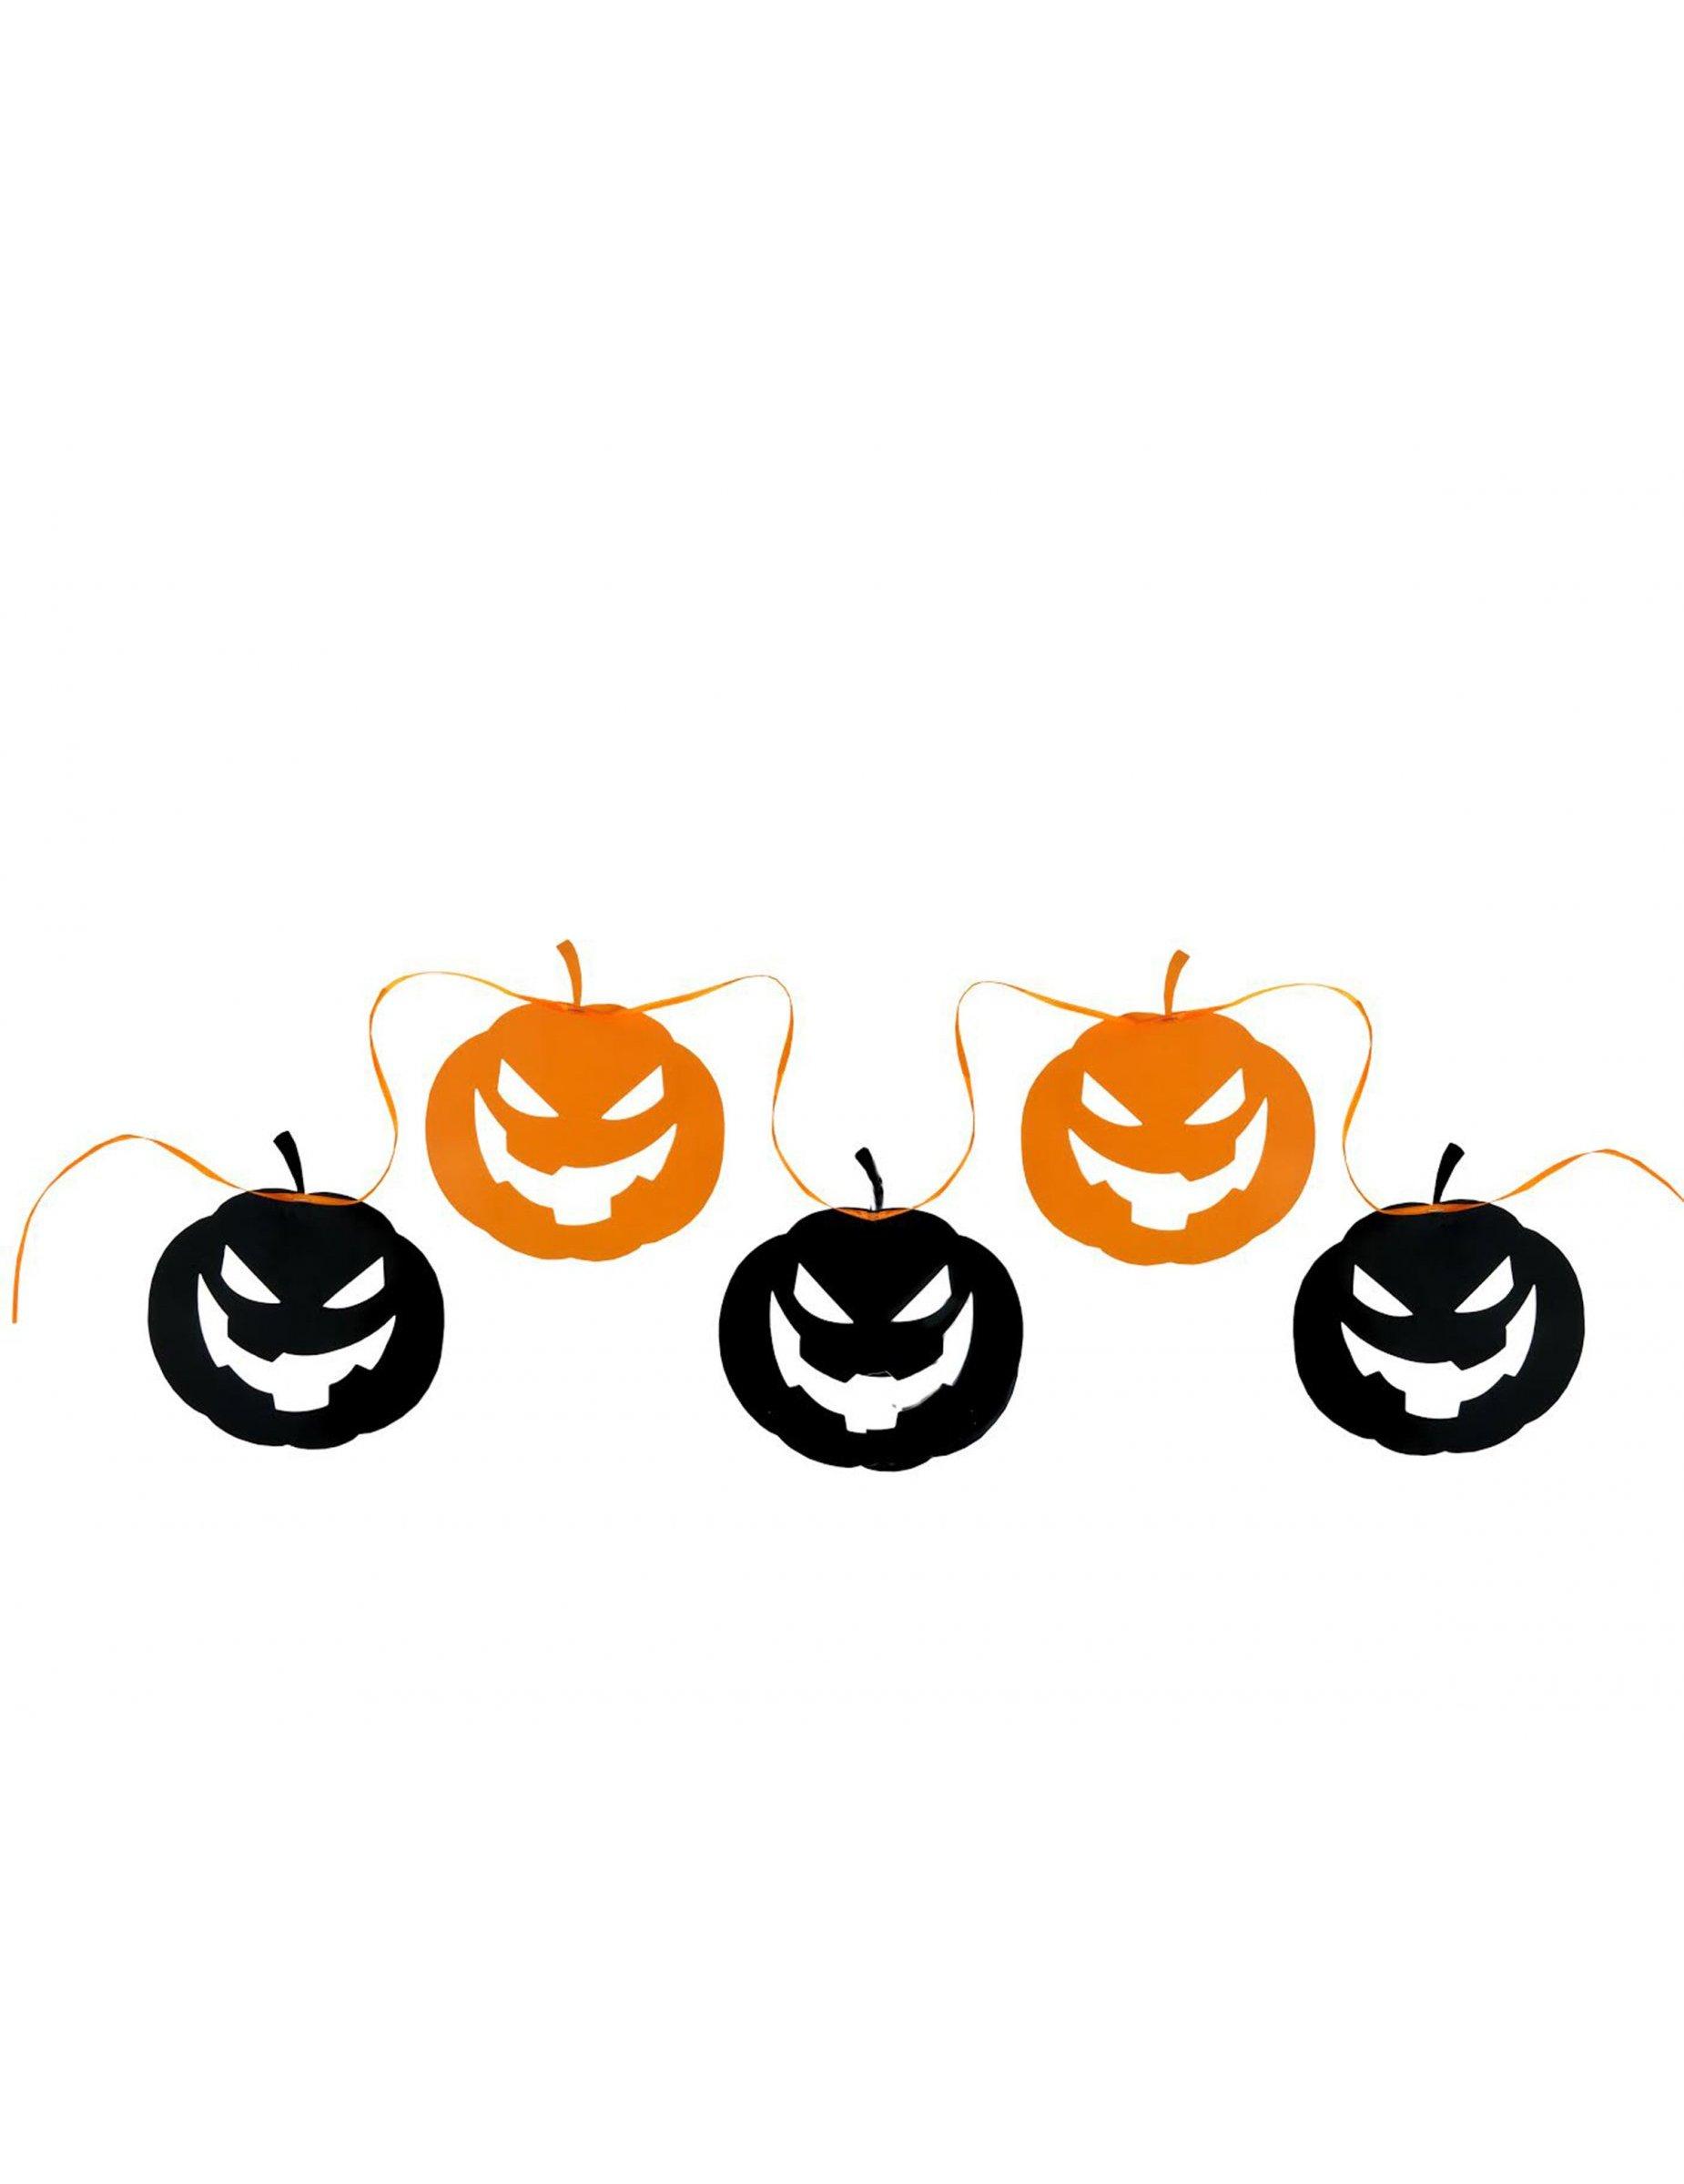 guirlande citrouille noir et orange halloween d coration anniversaire et f tes th me sur. Black Bedroom Furniture Sets. Home Design Ideas